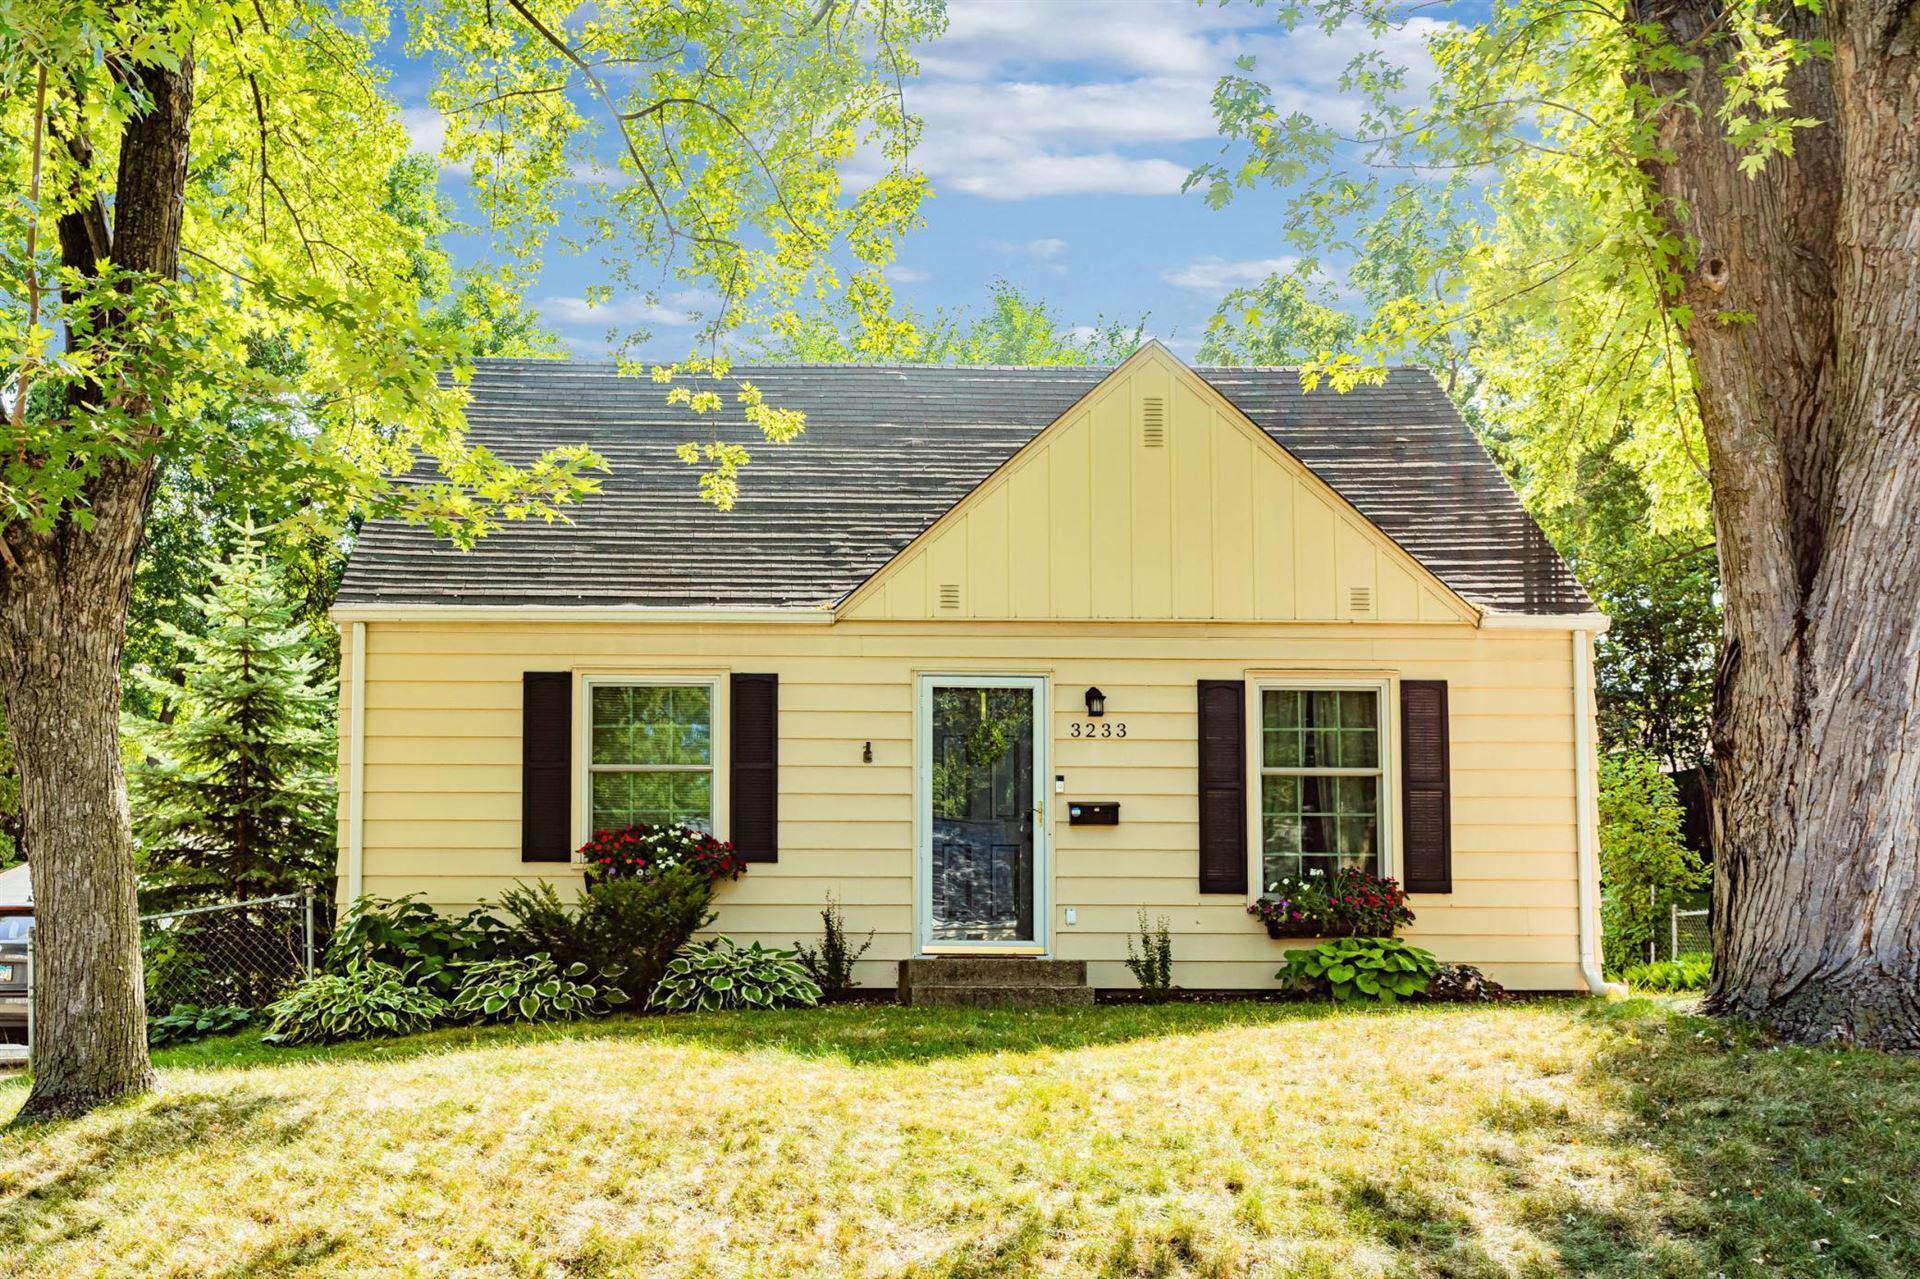 Photo of 3233 Sumter Avenue S, Saint Louis Park, MN 55426 (MLS # 6103664)